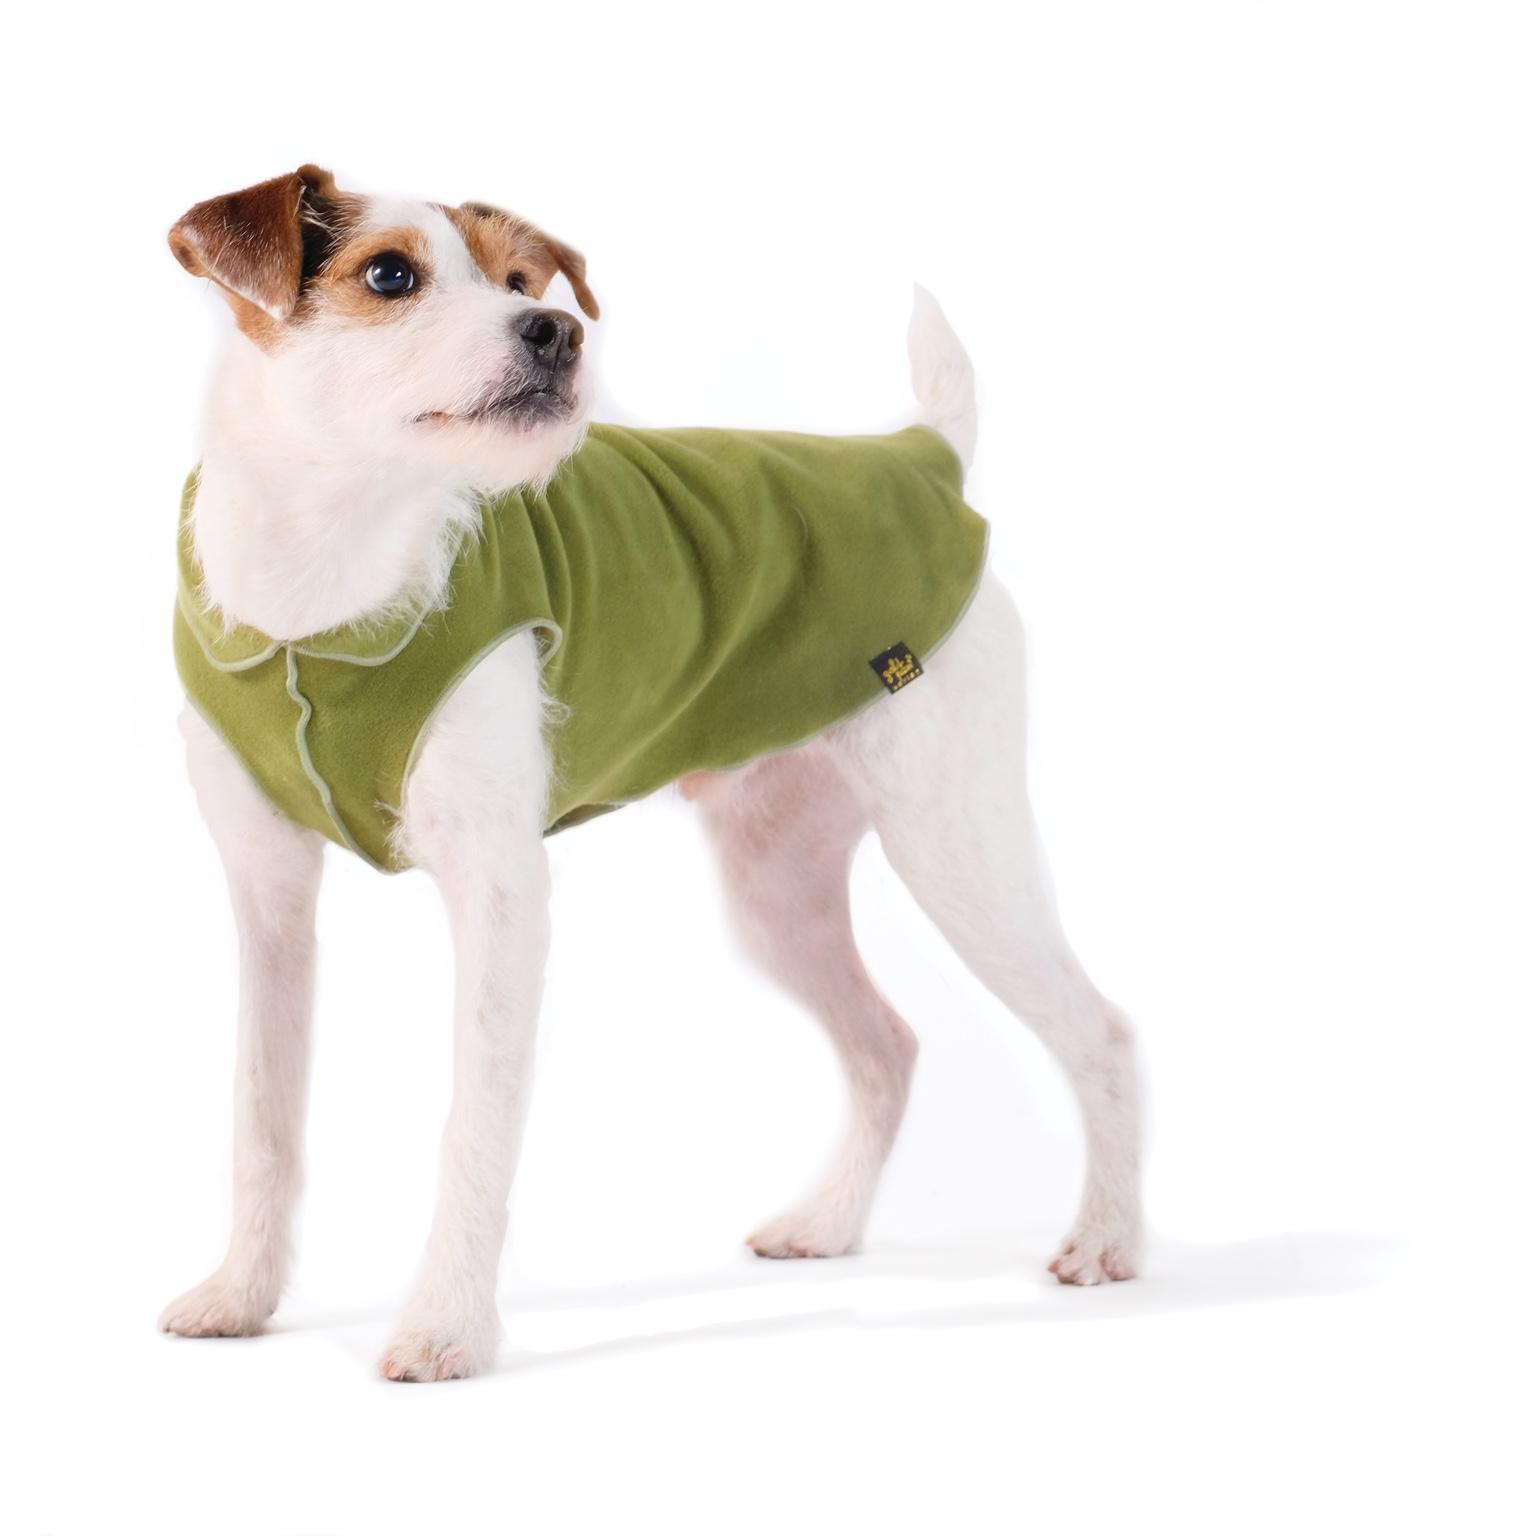 Gold Paw Fleece Dog Jacket - Moss Green